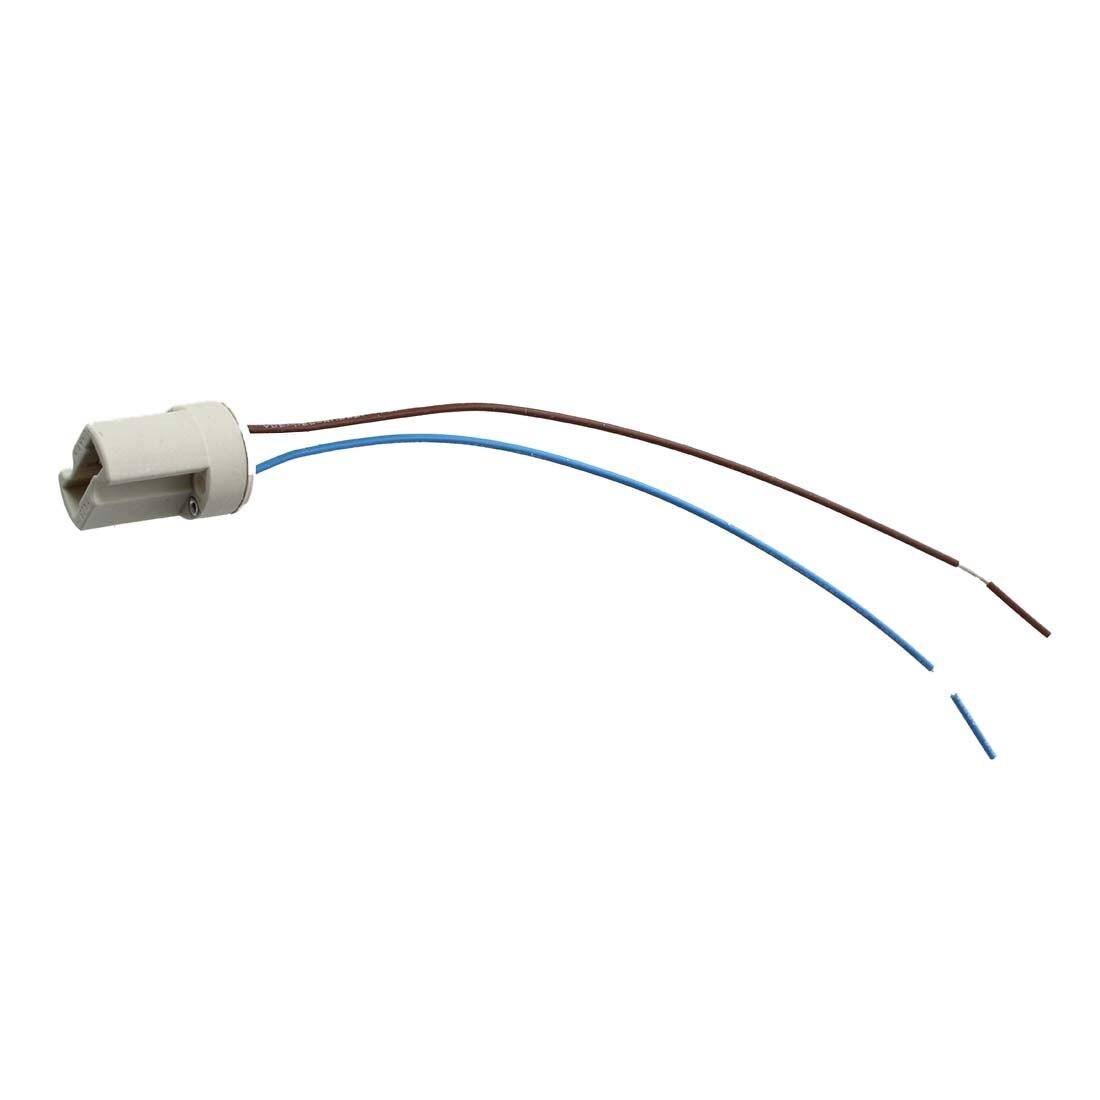 Practical-10pcs 250 В 2A G9 Разъем Керамика свет лампы держатель с кабель Ведущий-off-White